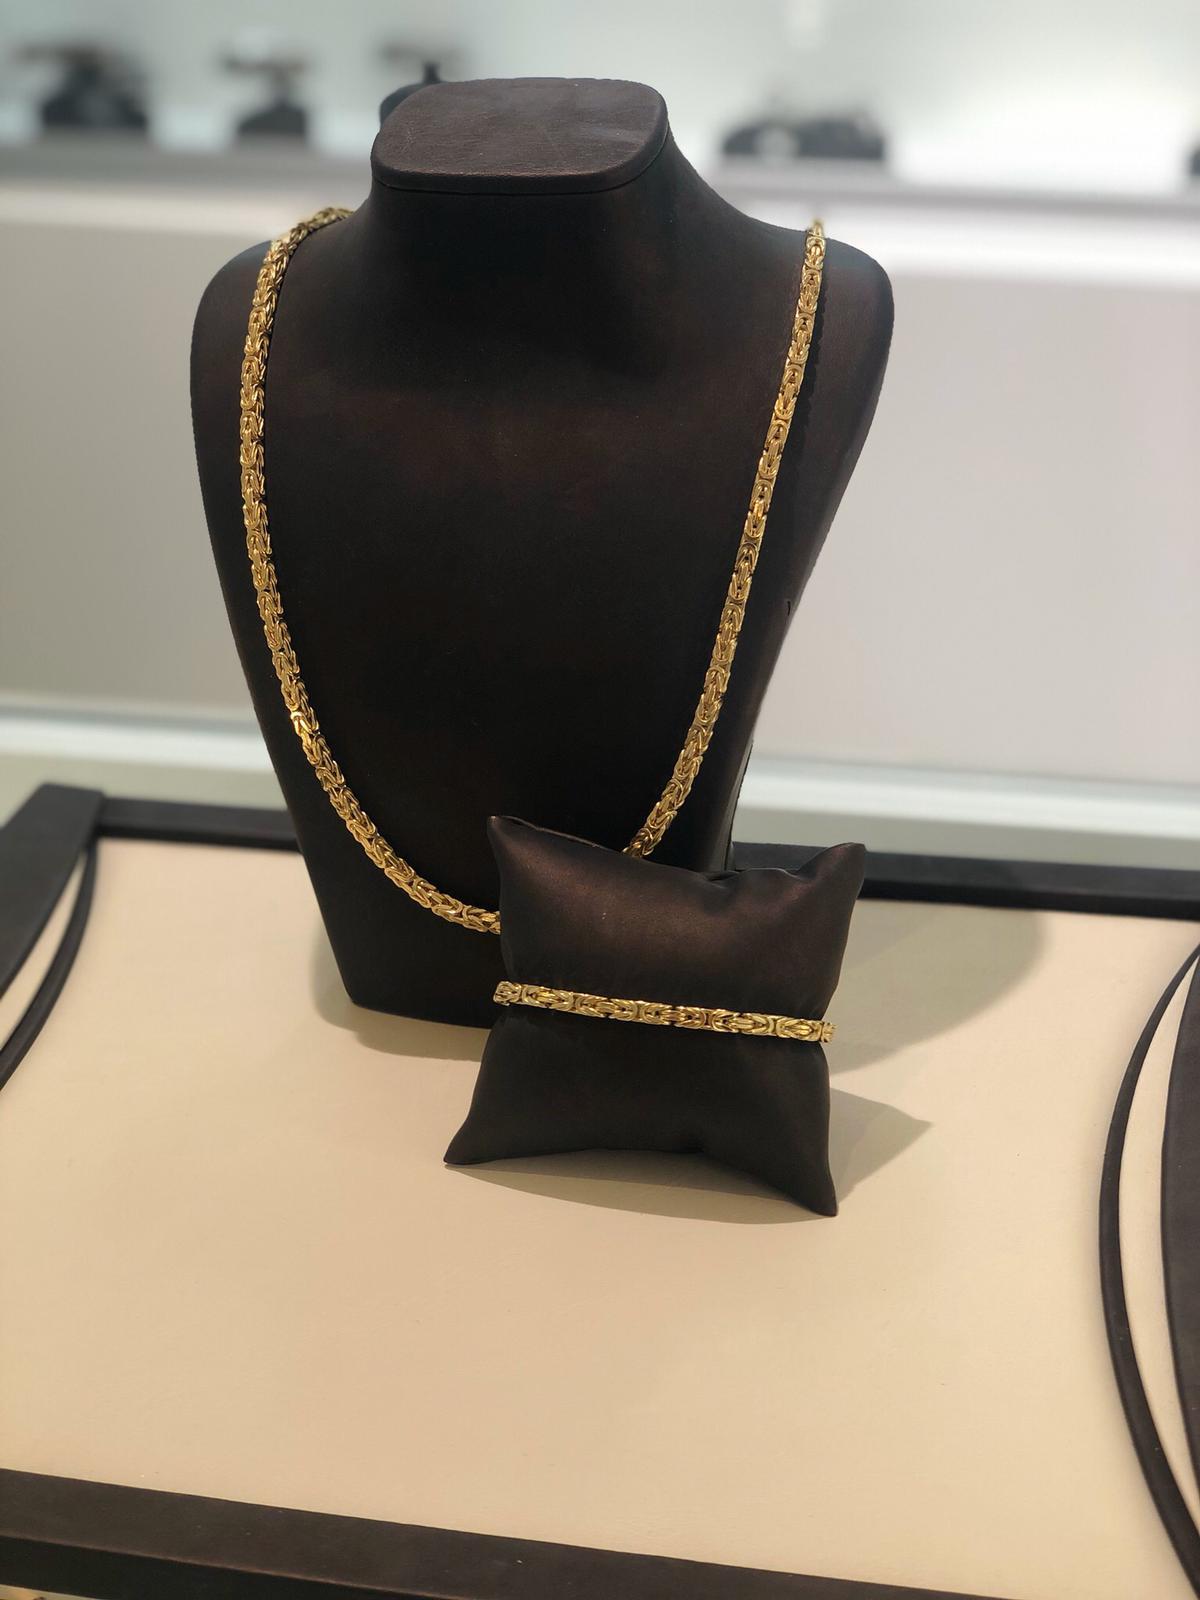 Goldkette zu verkaufen - Goldankauf Esslingen